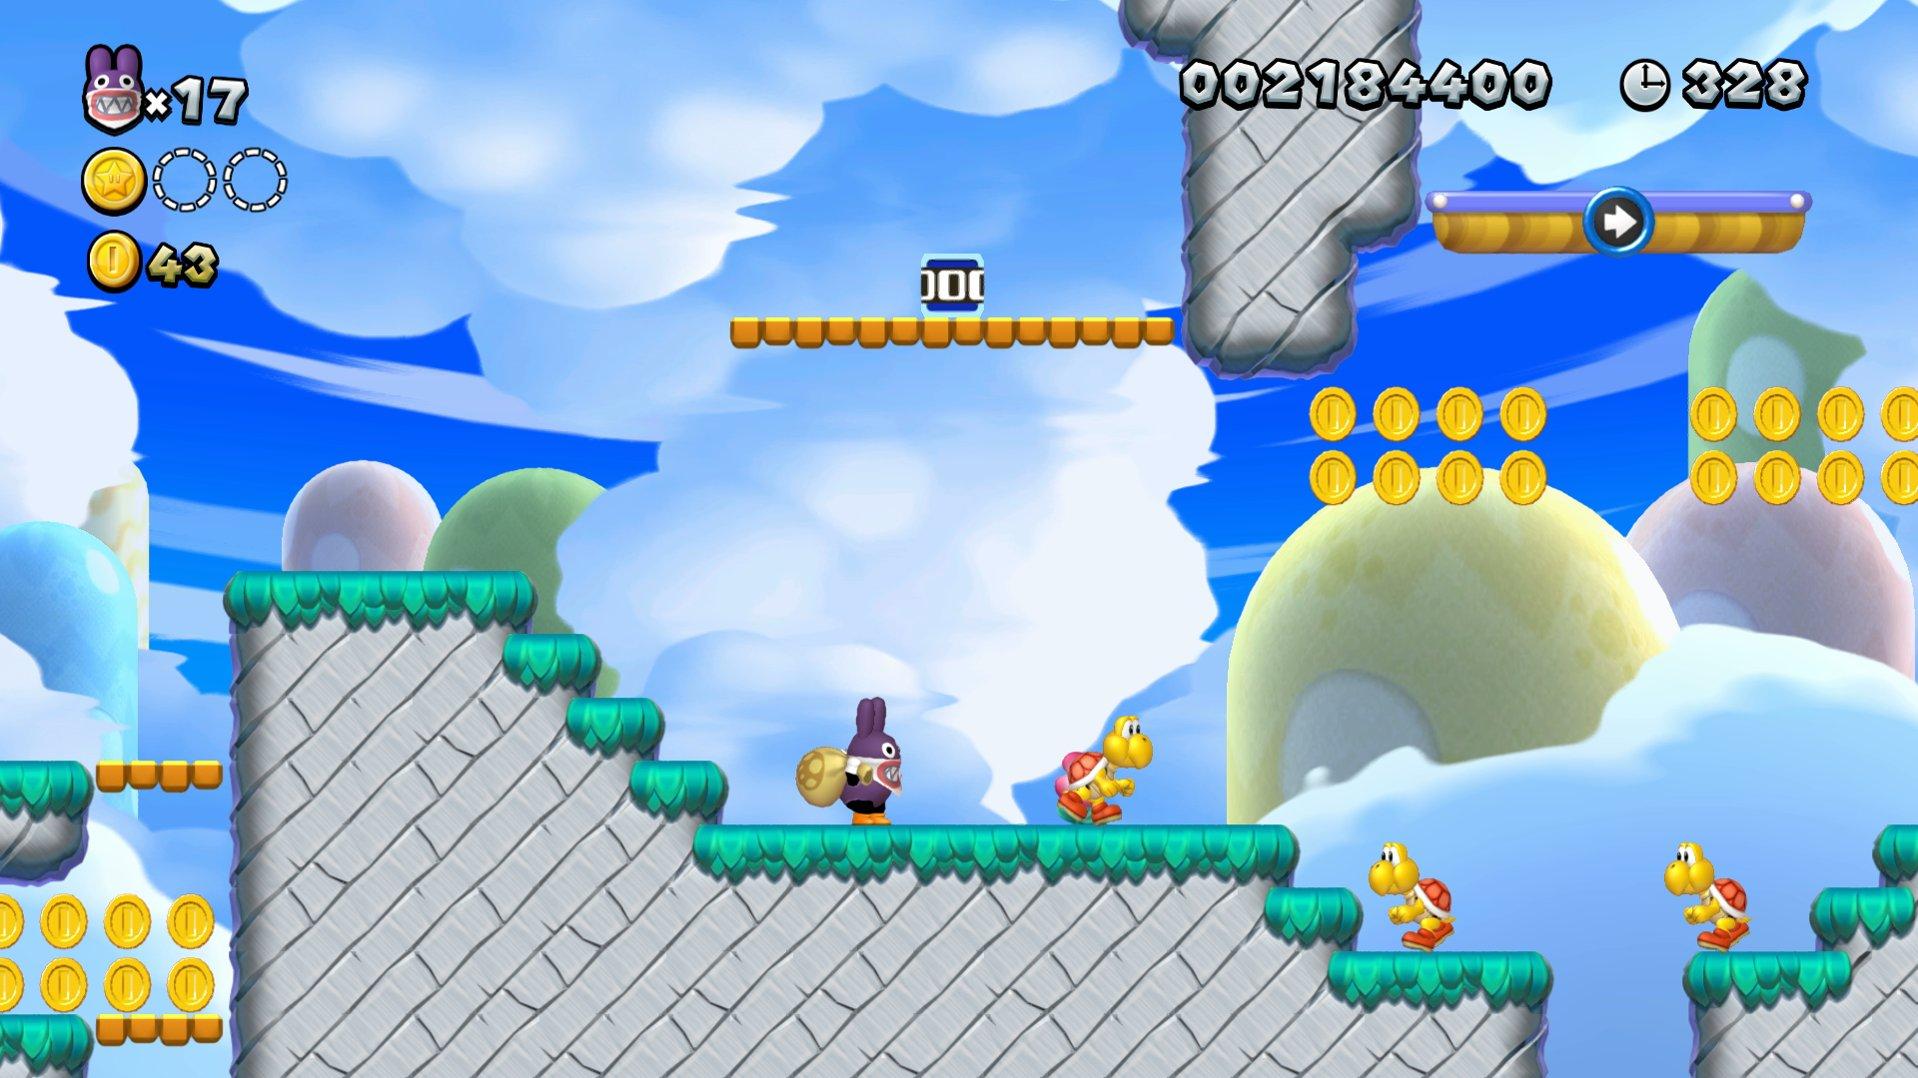 New Super Mario Bros. U Deluxe Cina